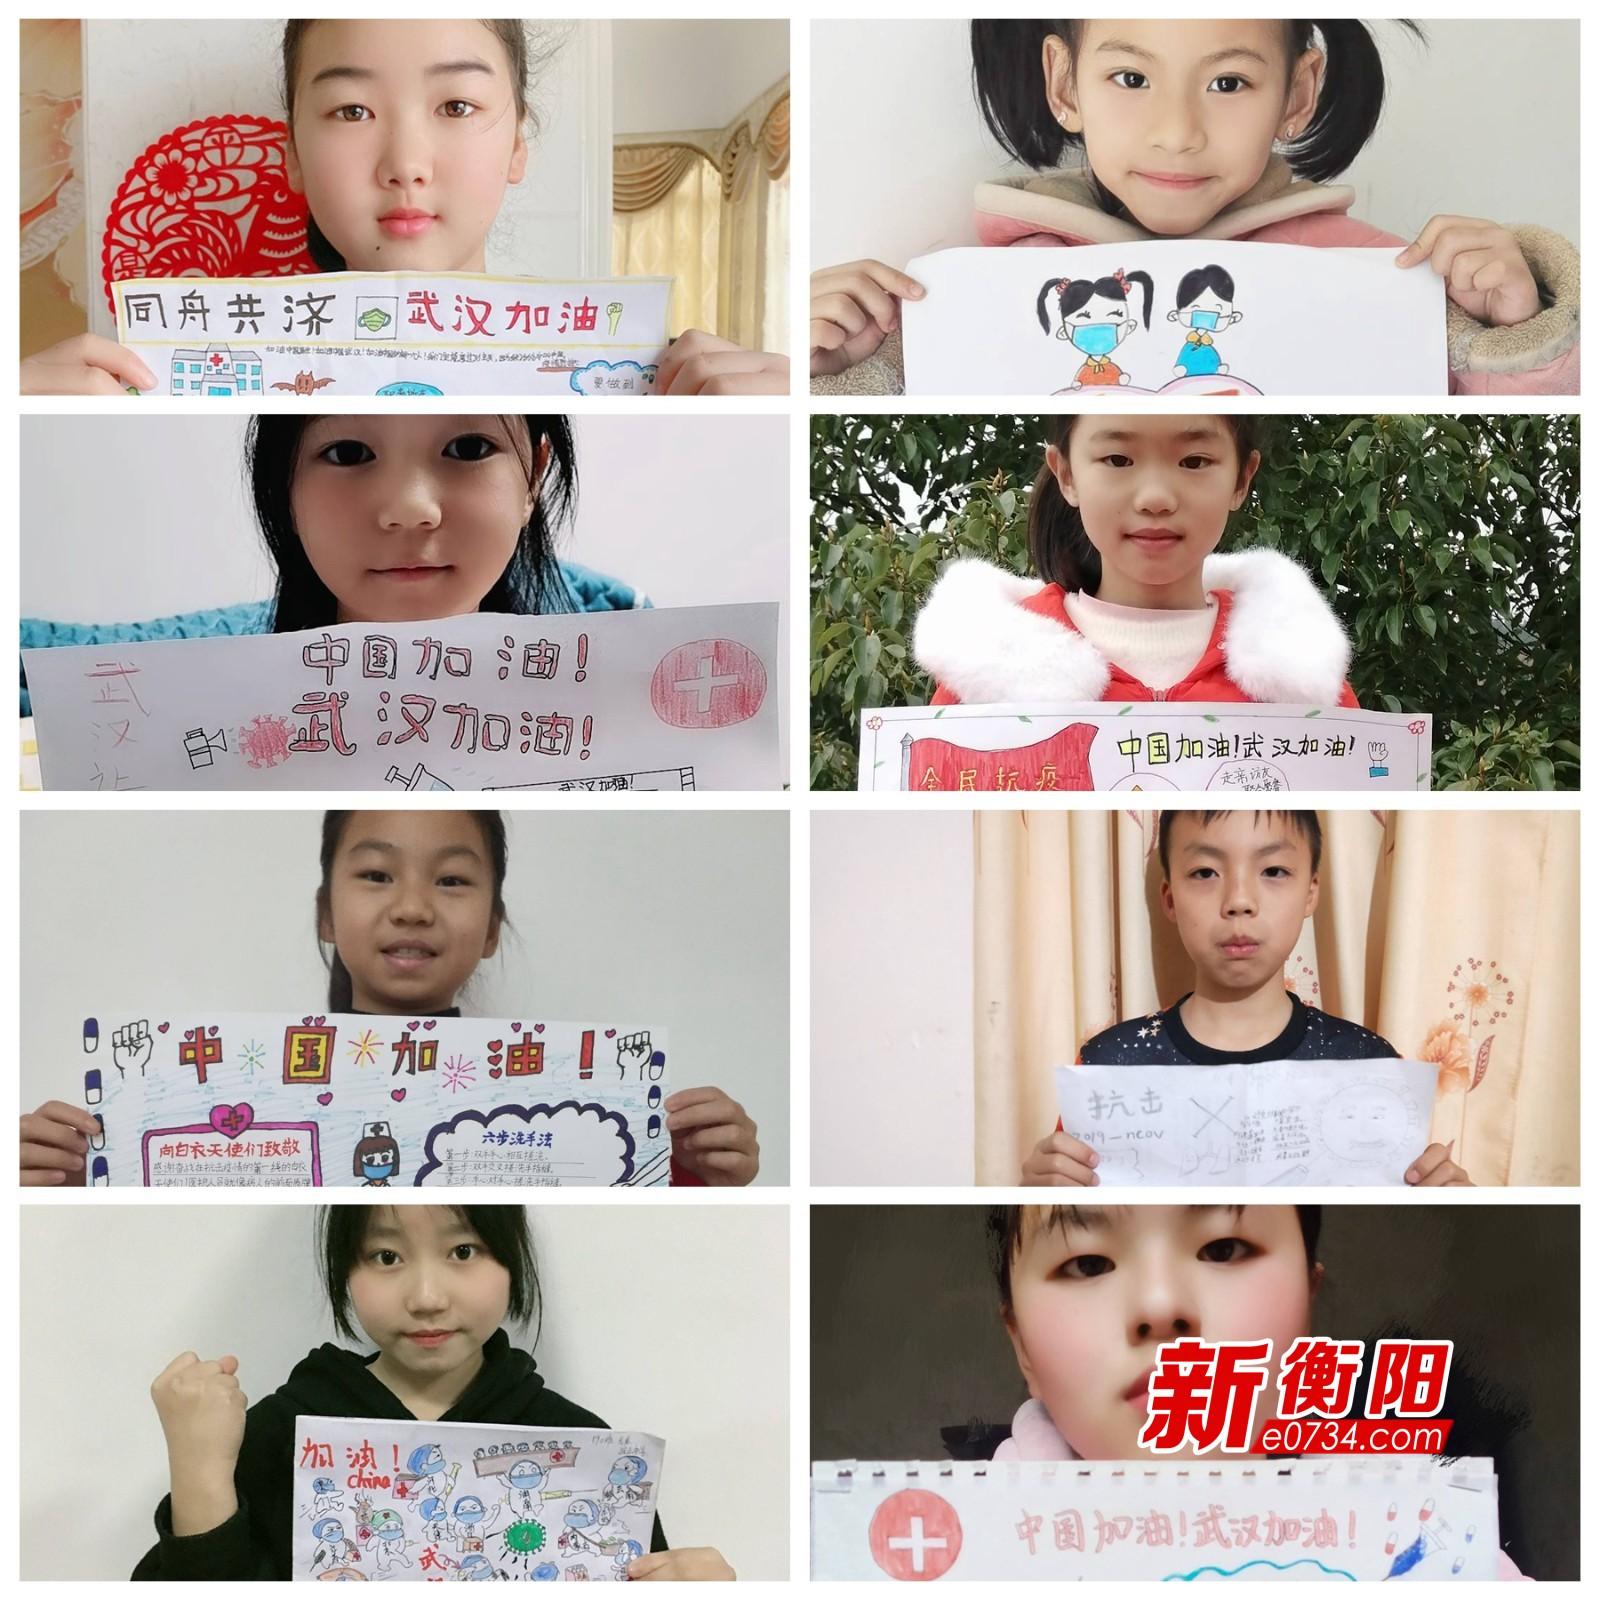 疫情防控·衡阳在行动:衡阳县青少年用画笔为抗击疫情加油